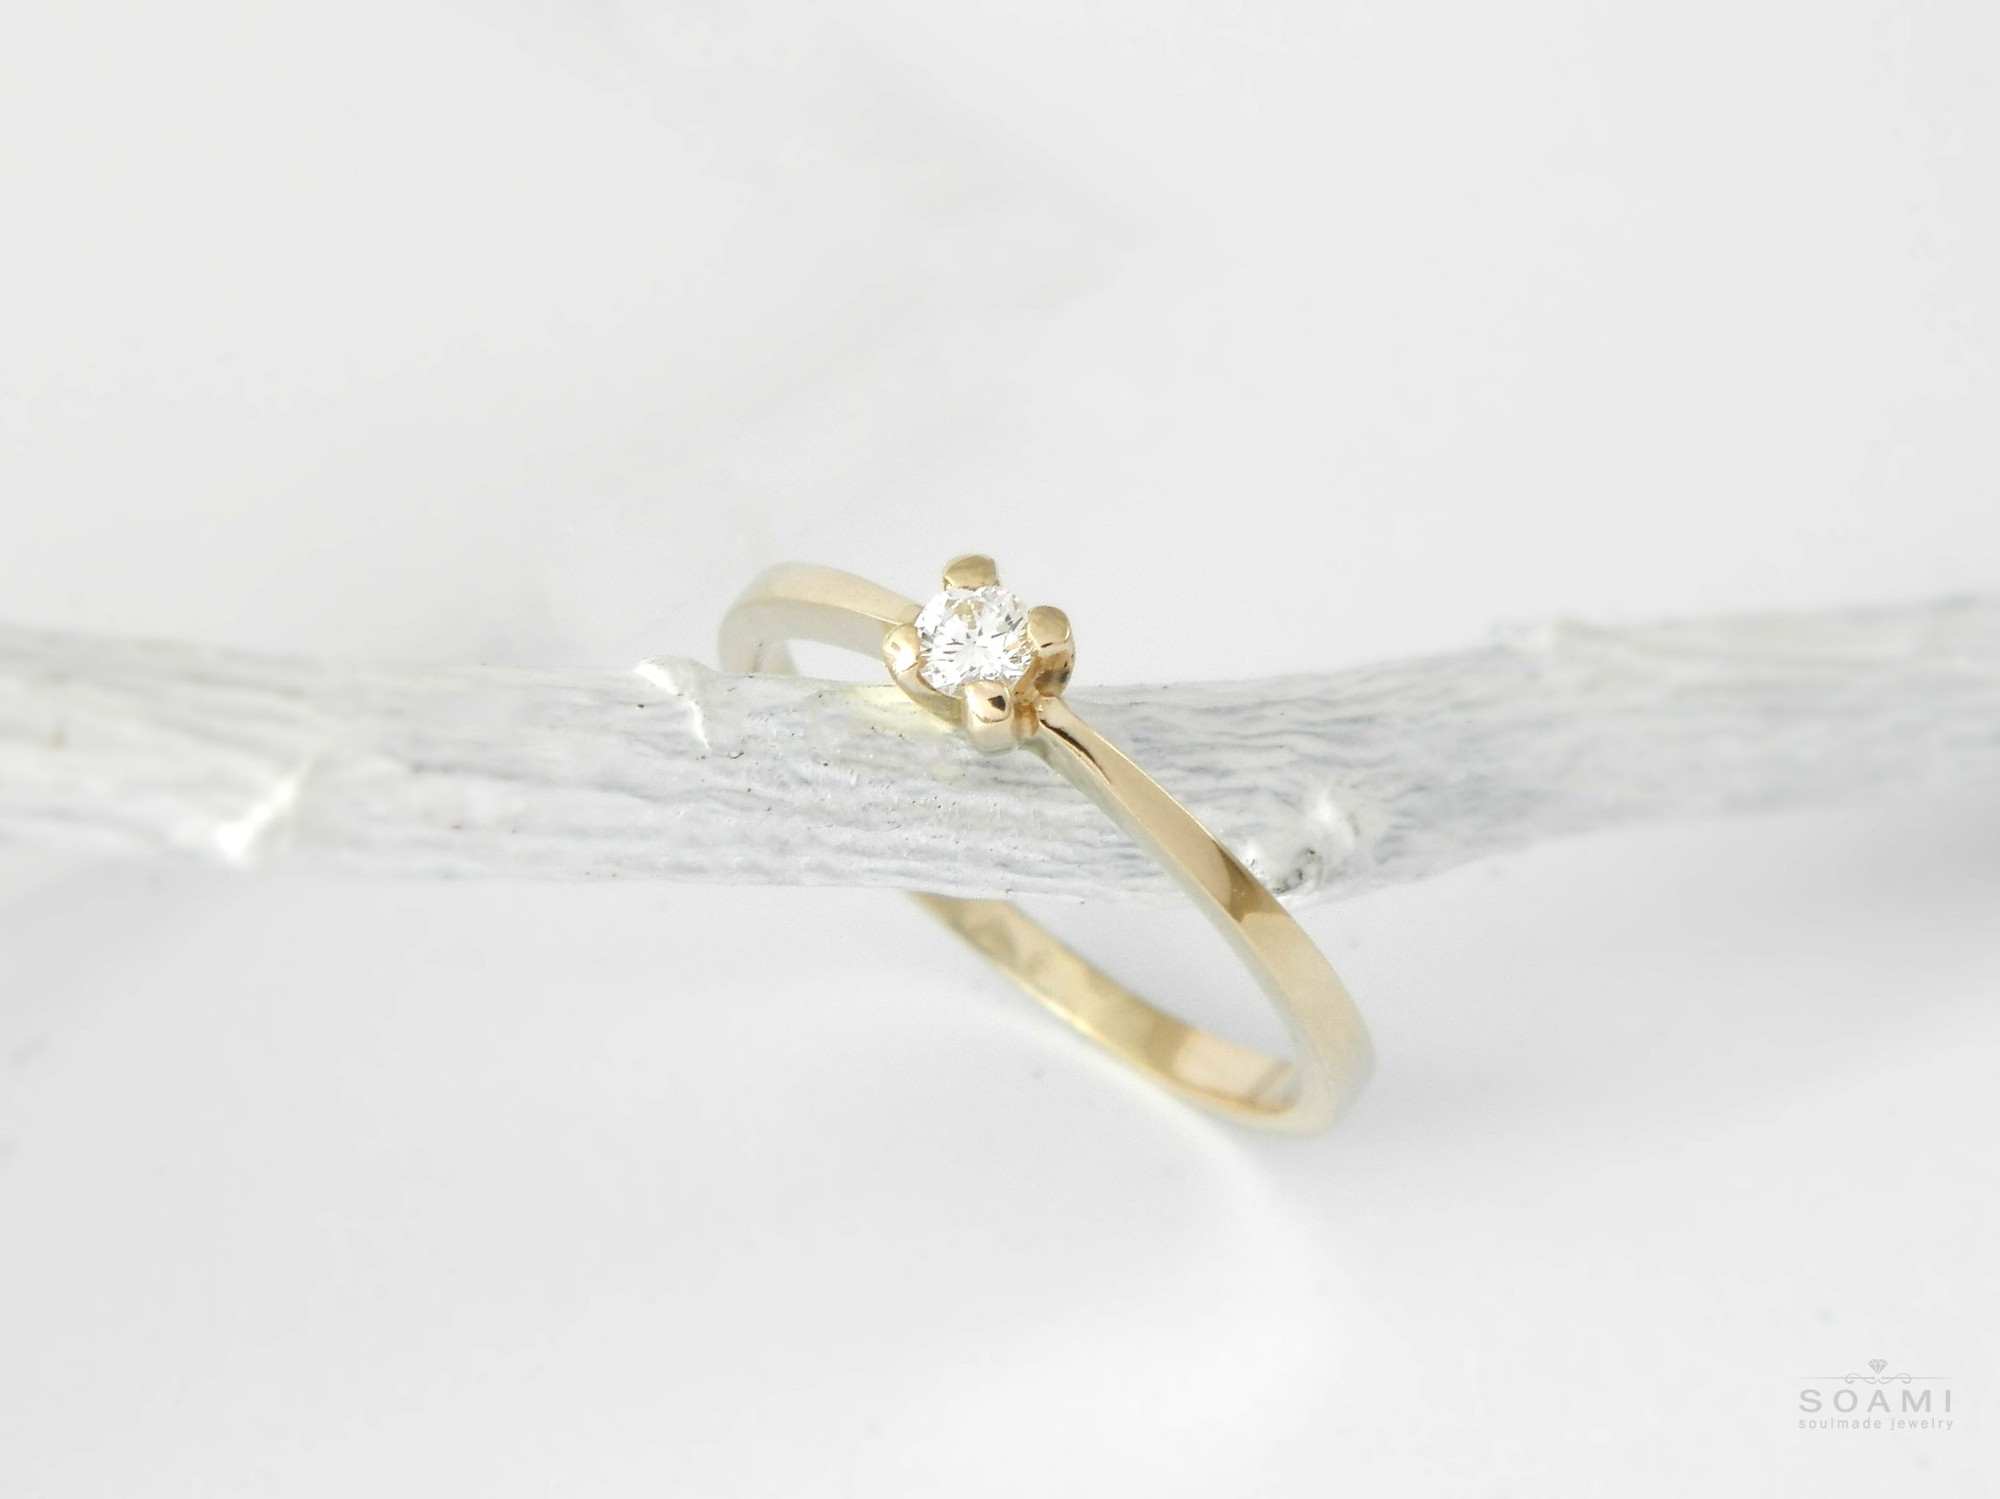 CERTIFIKÁT 585 Zlatý zasnubný prsten s přírodním diamantem